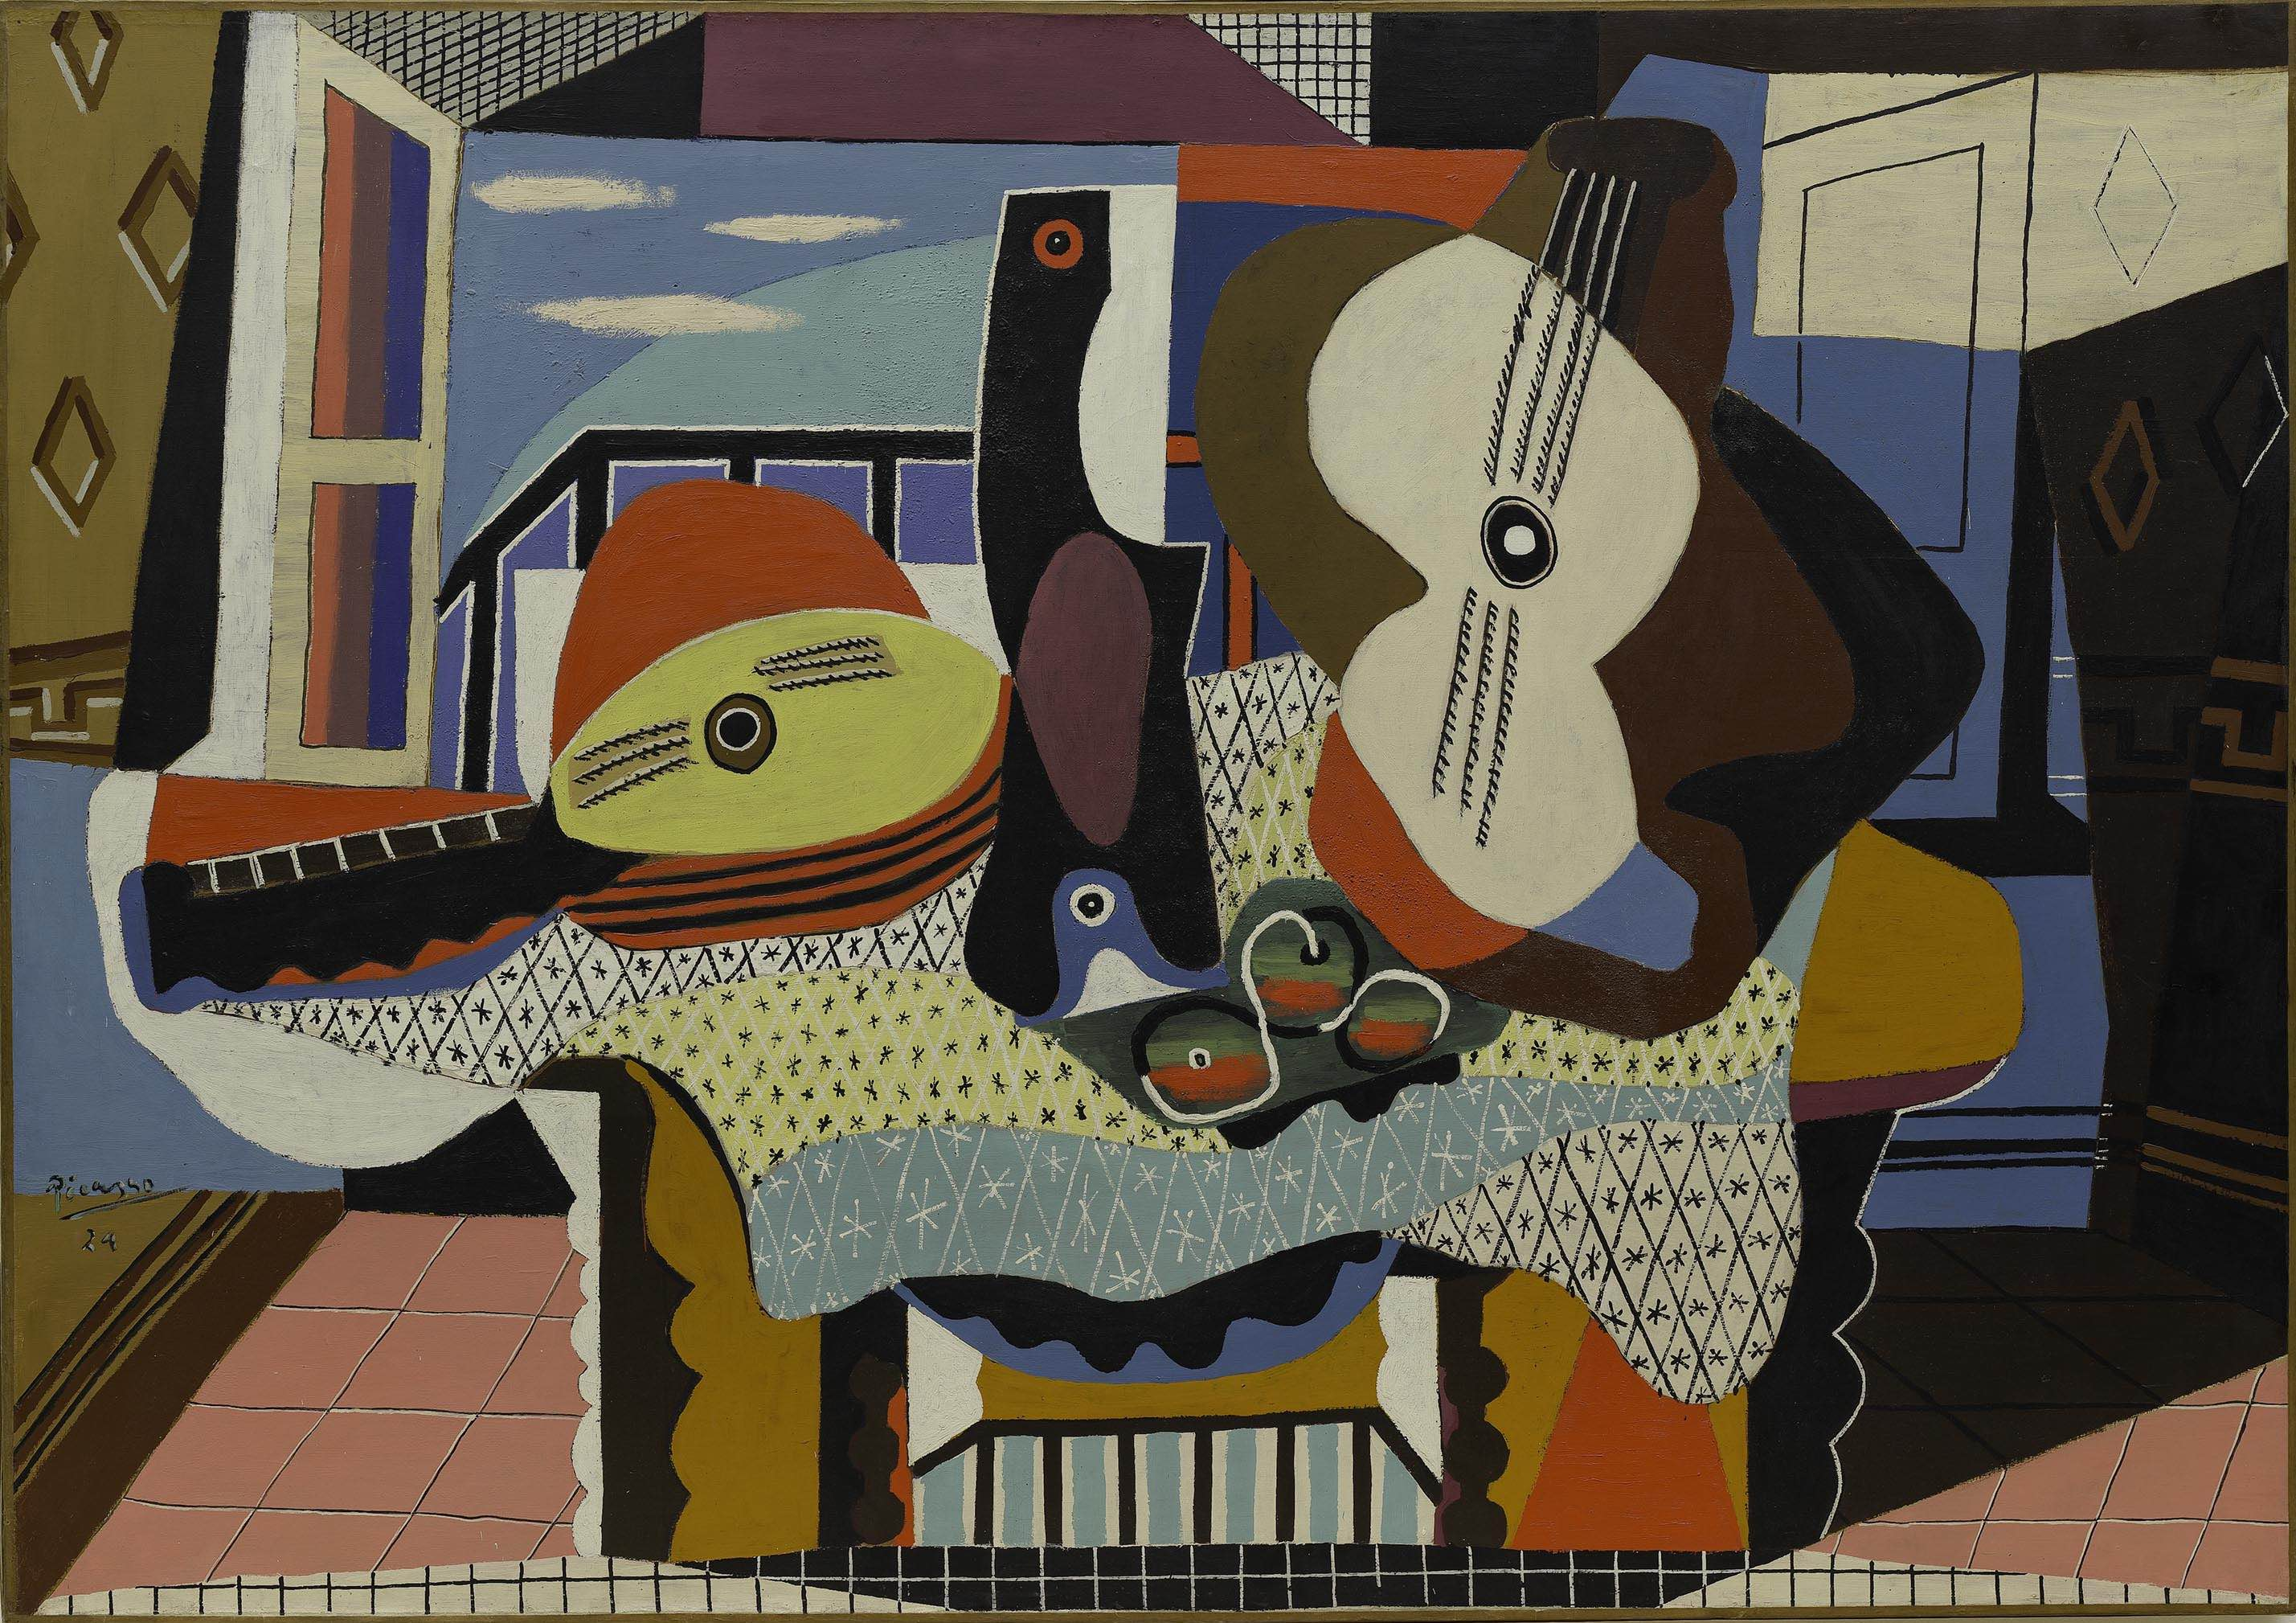 Pablo Picasso, Mandoline et guitare, 1924. Solomon R. Guggenheim Museum, New York (c) Sucesión Picasso, VEGAP, 2017